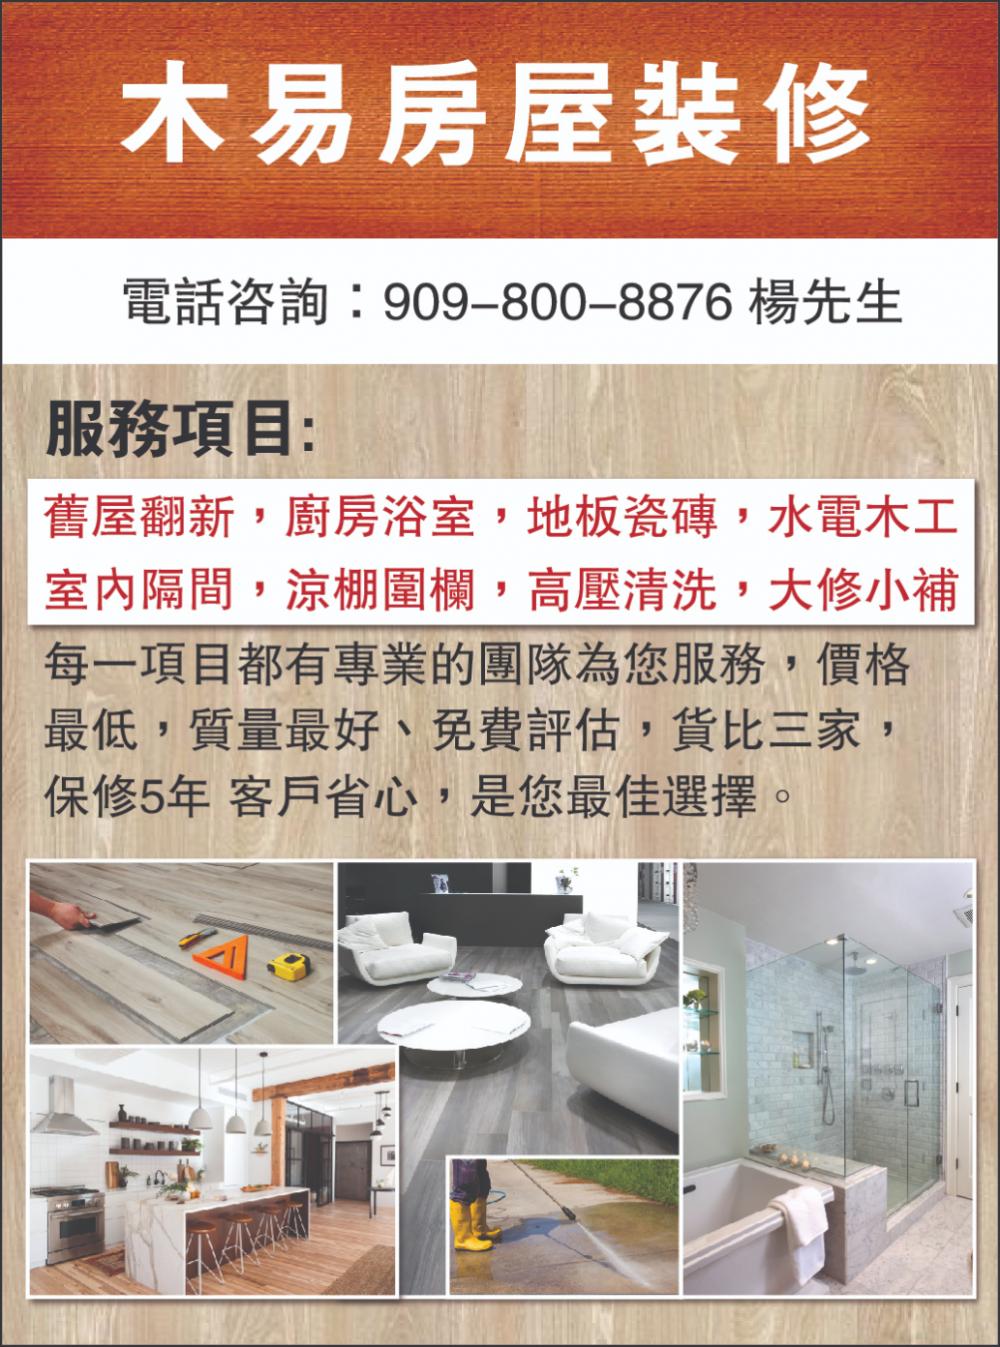 MUYI  Contractor木易房屋装修